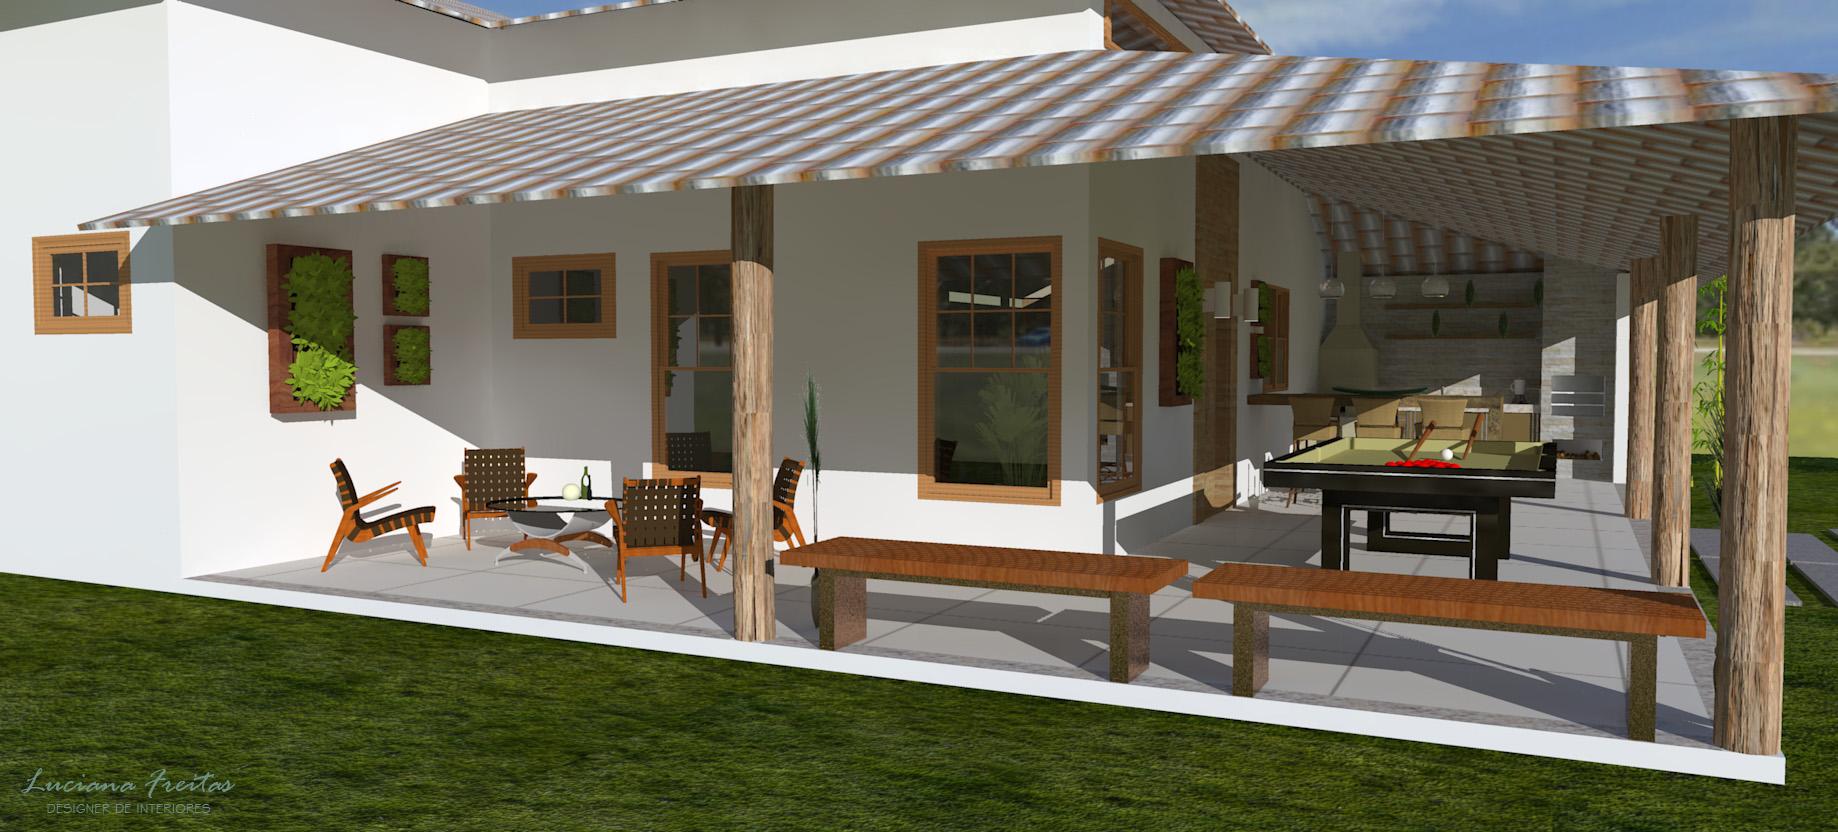 Casas de campo com varandas simples